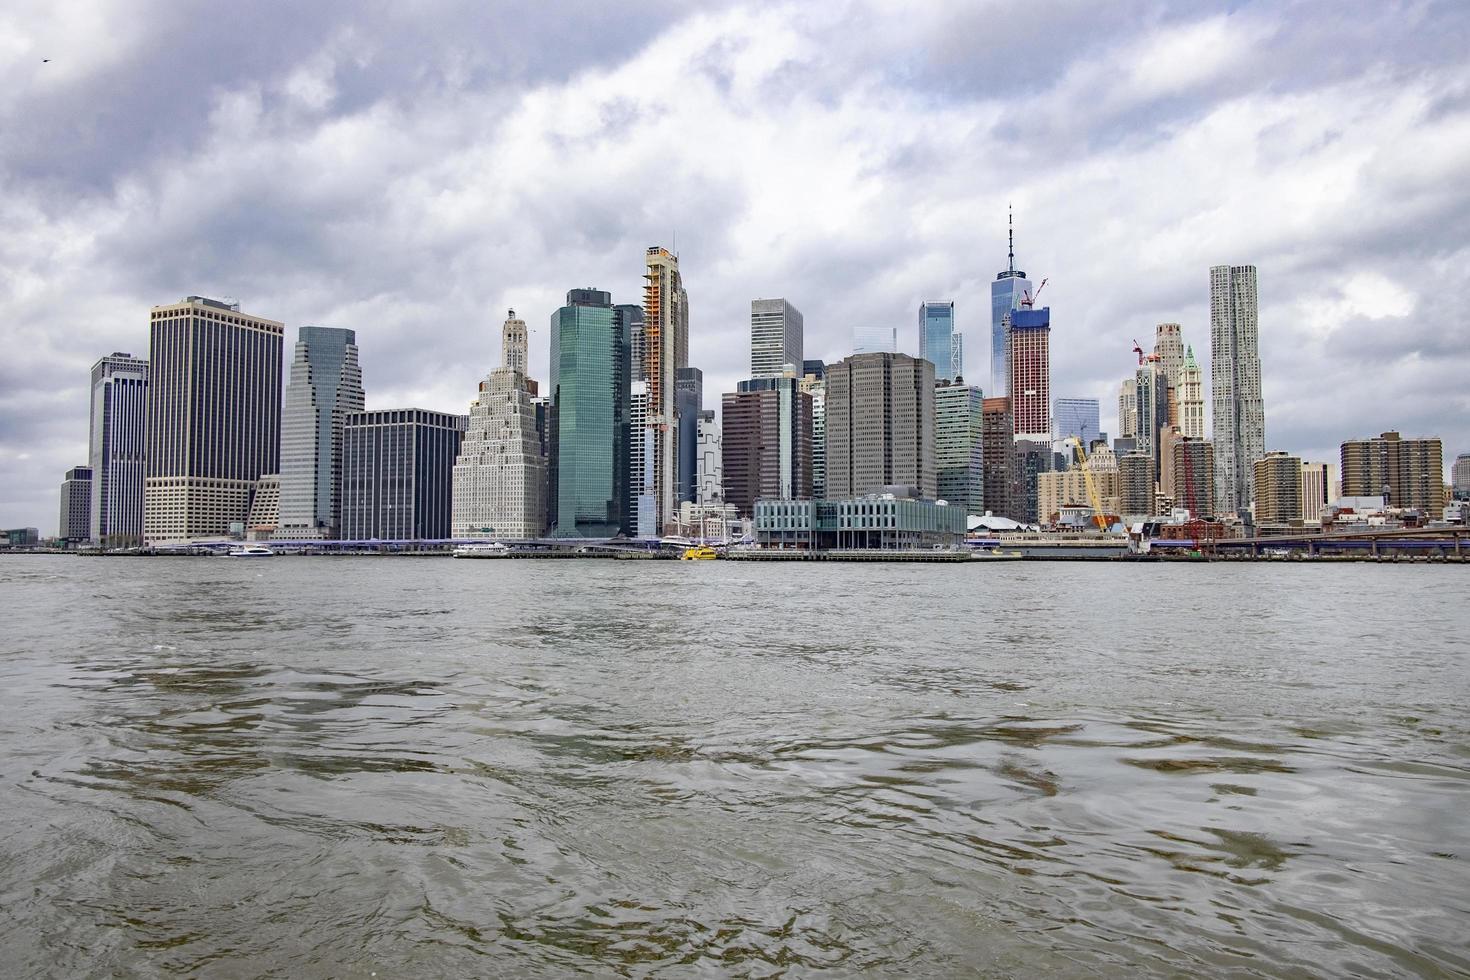 Toits de la ville de New York sous un ciel nuageux photo